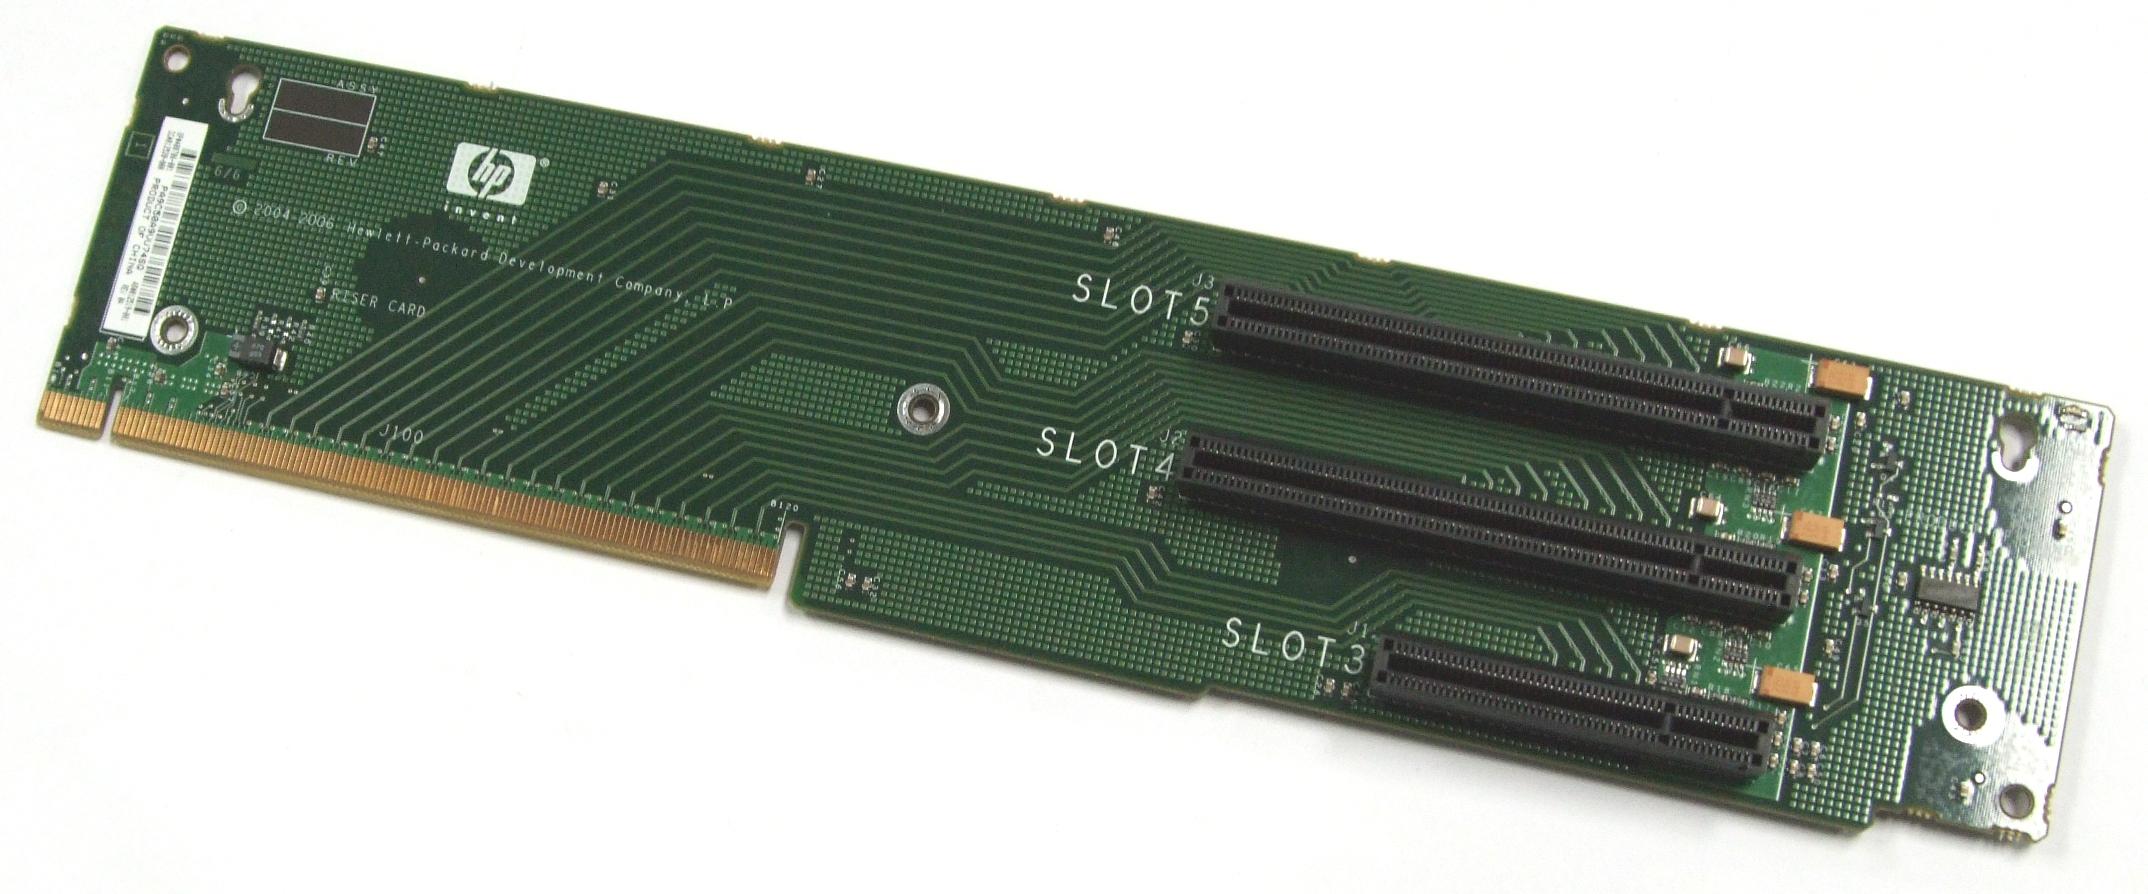 Dl380 g5 pcie slots